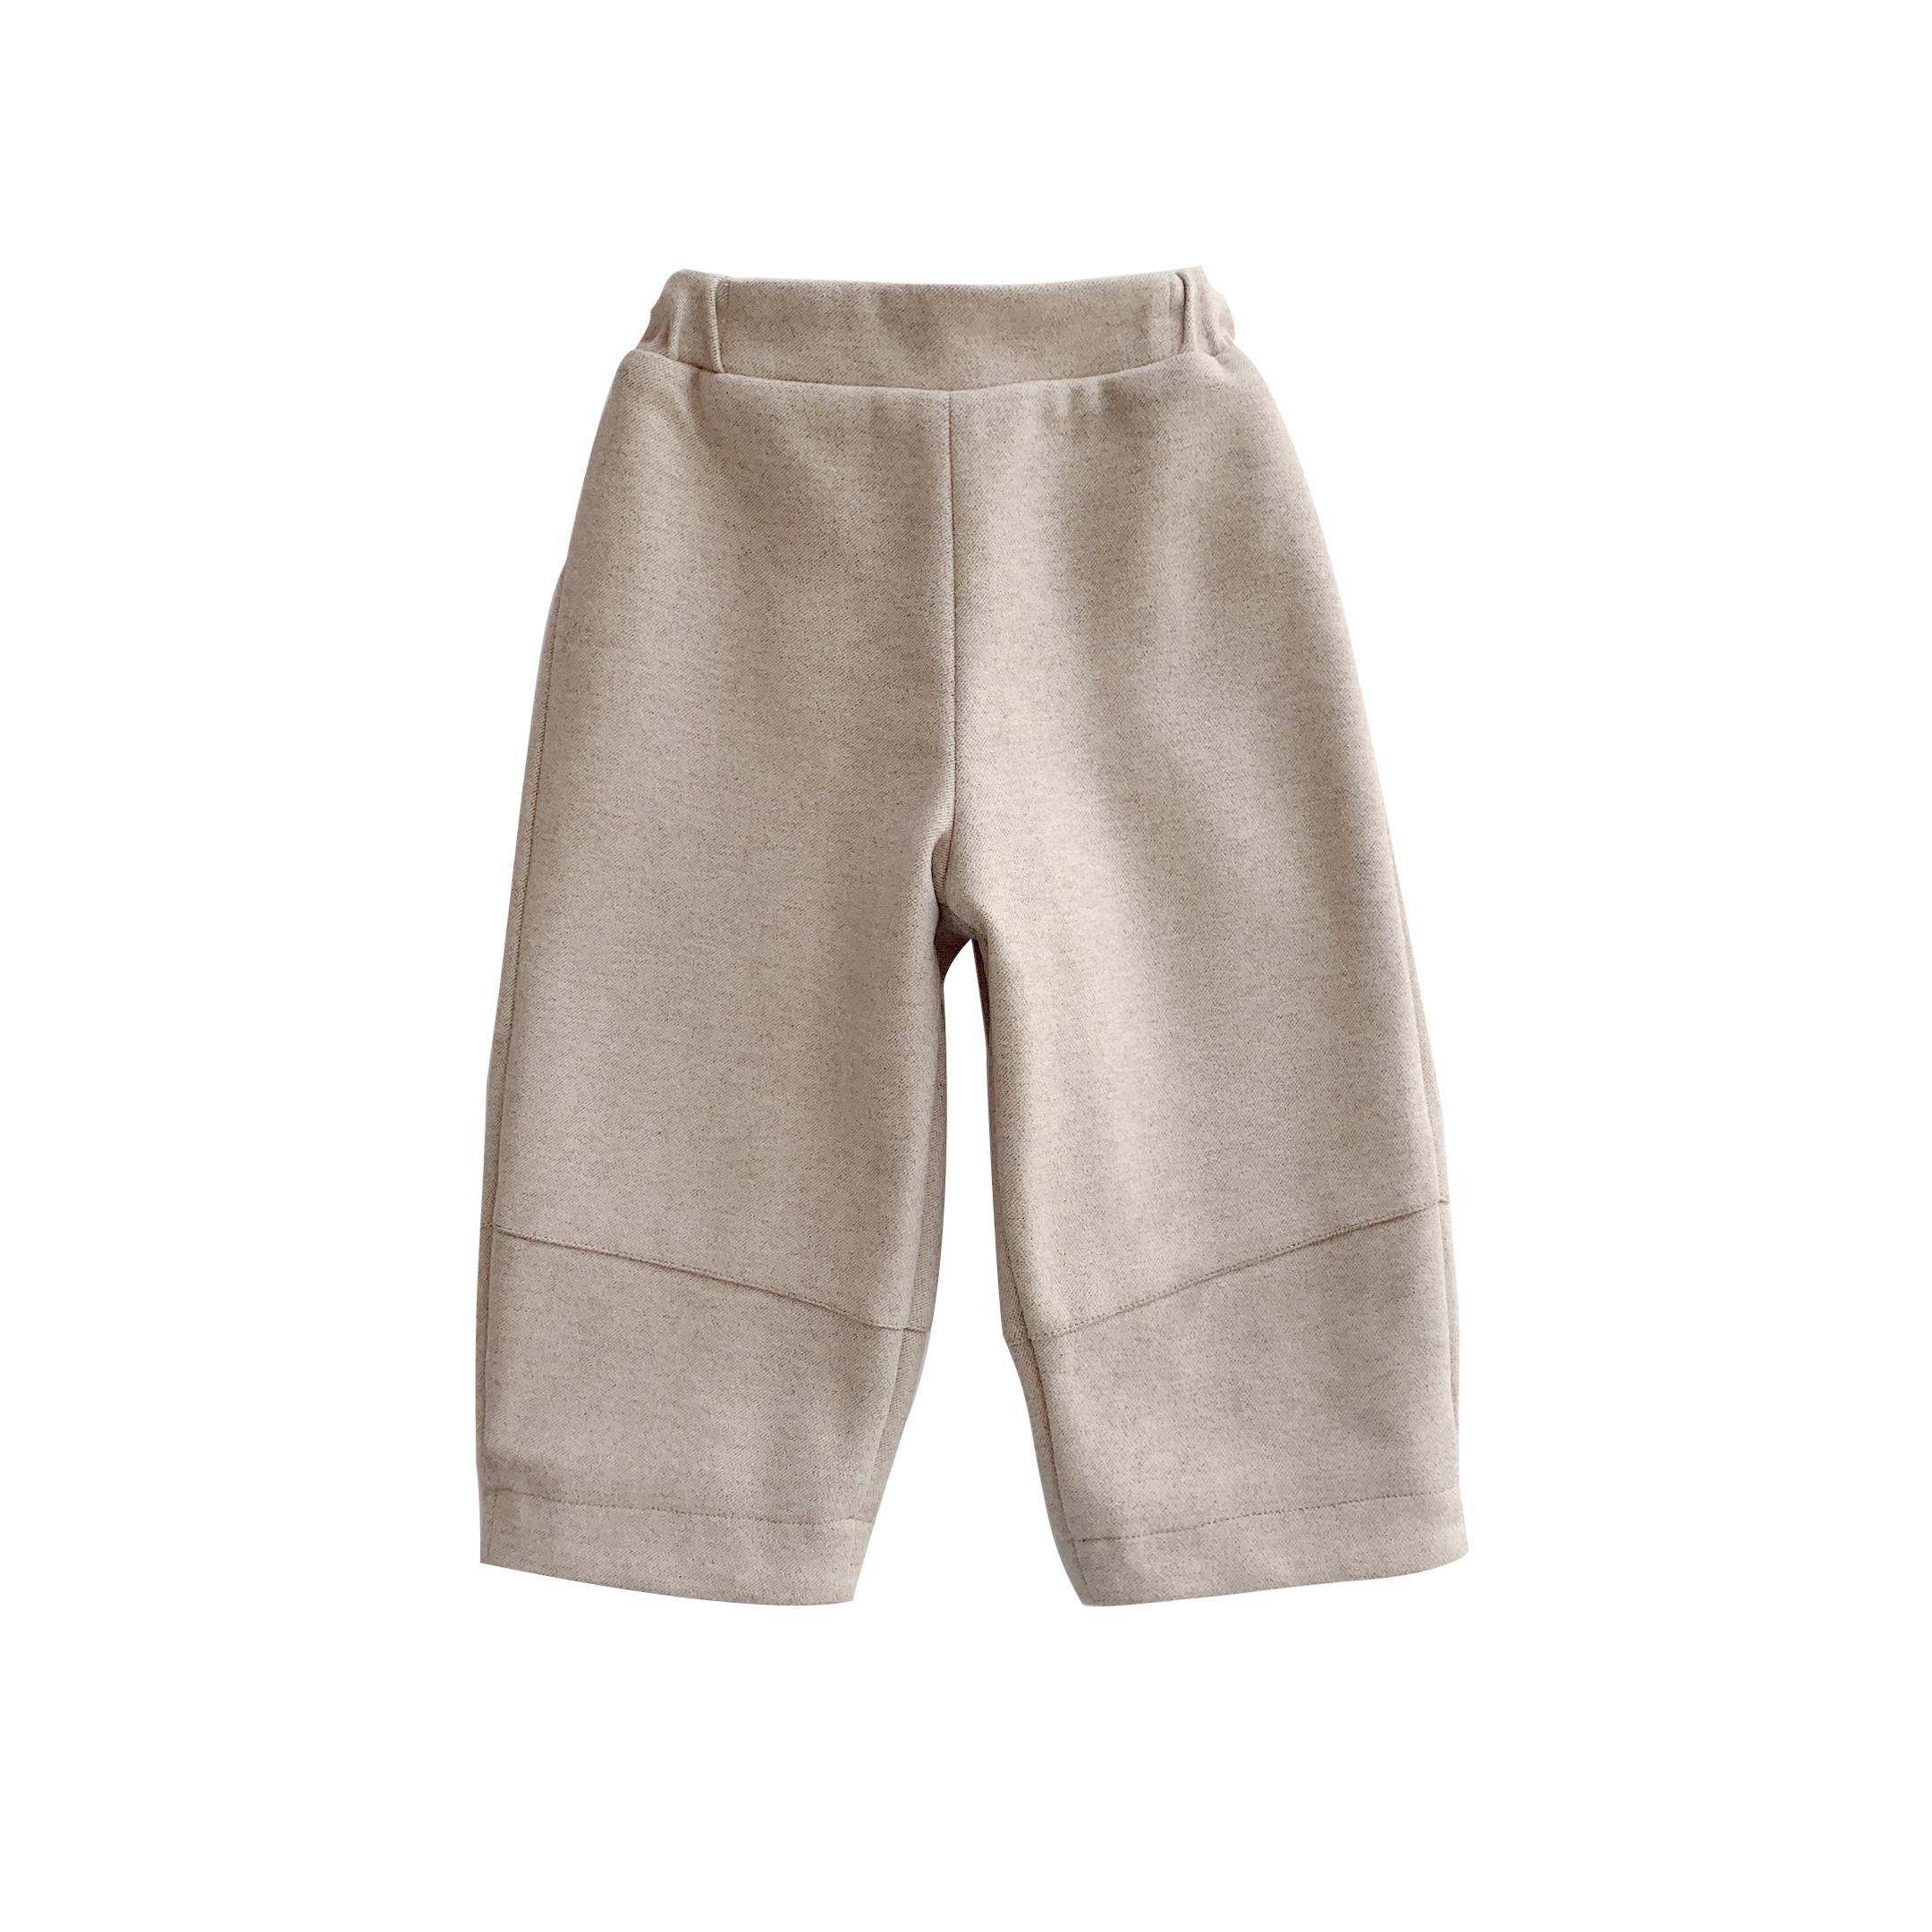 Pantalones Termicos Para Ninos Y Ninas Ropa Exterior Extra Gruesa Y Polar Pantalones De Invierno Para Bebes 5731 Buy Termica De Los Ninos Pantalones De Bebe Pantalones Product On Alibaba Com